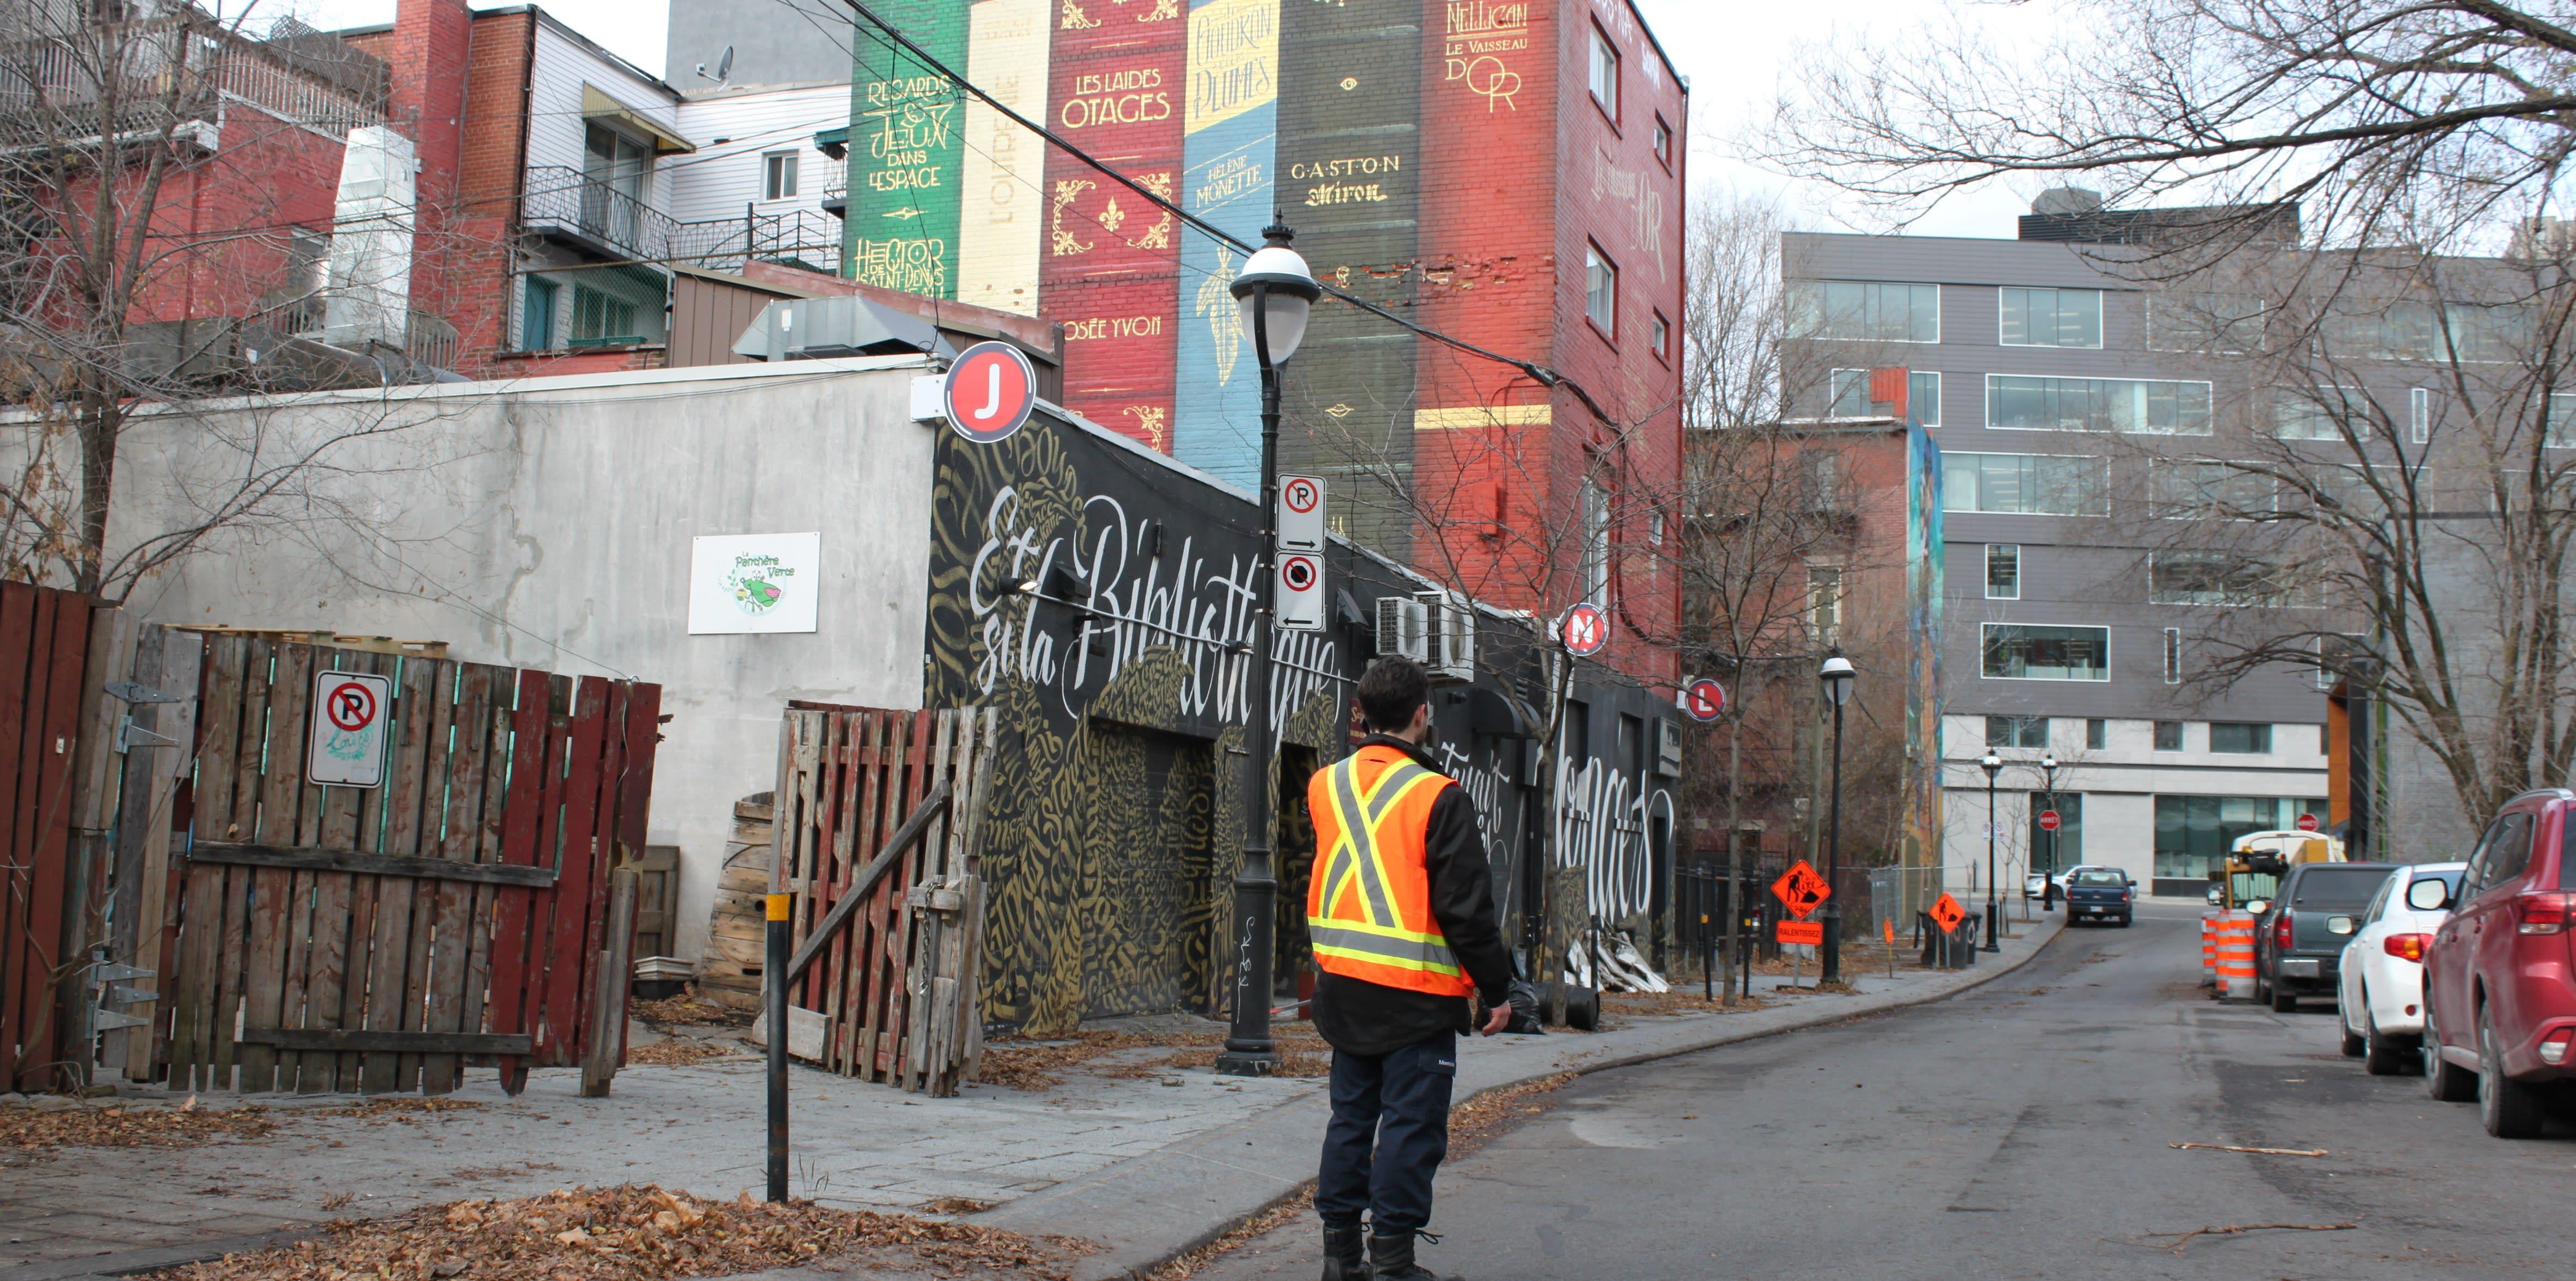 Un homme de dos dans une ruelle avec des graffitis